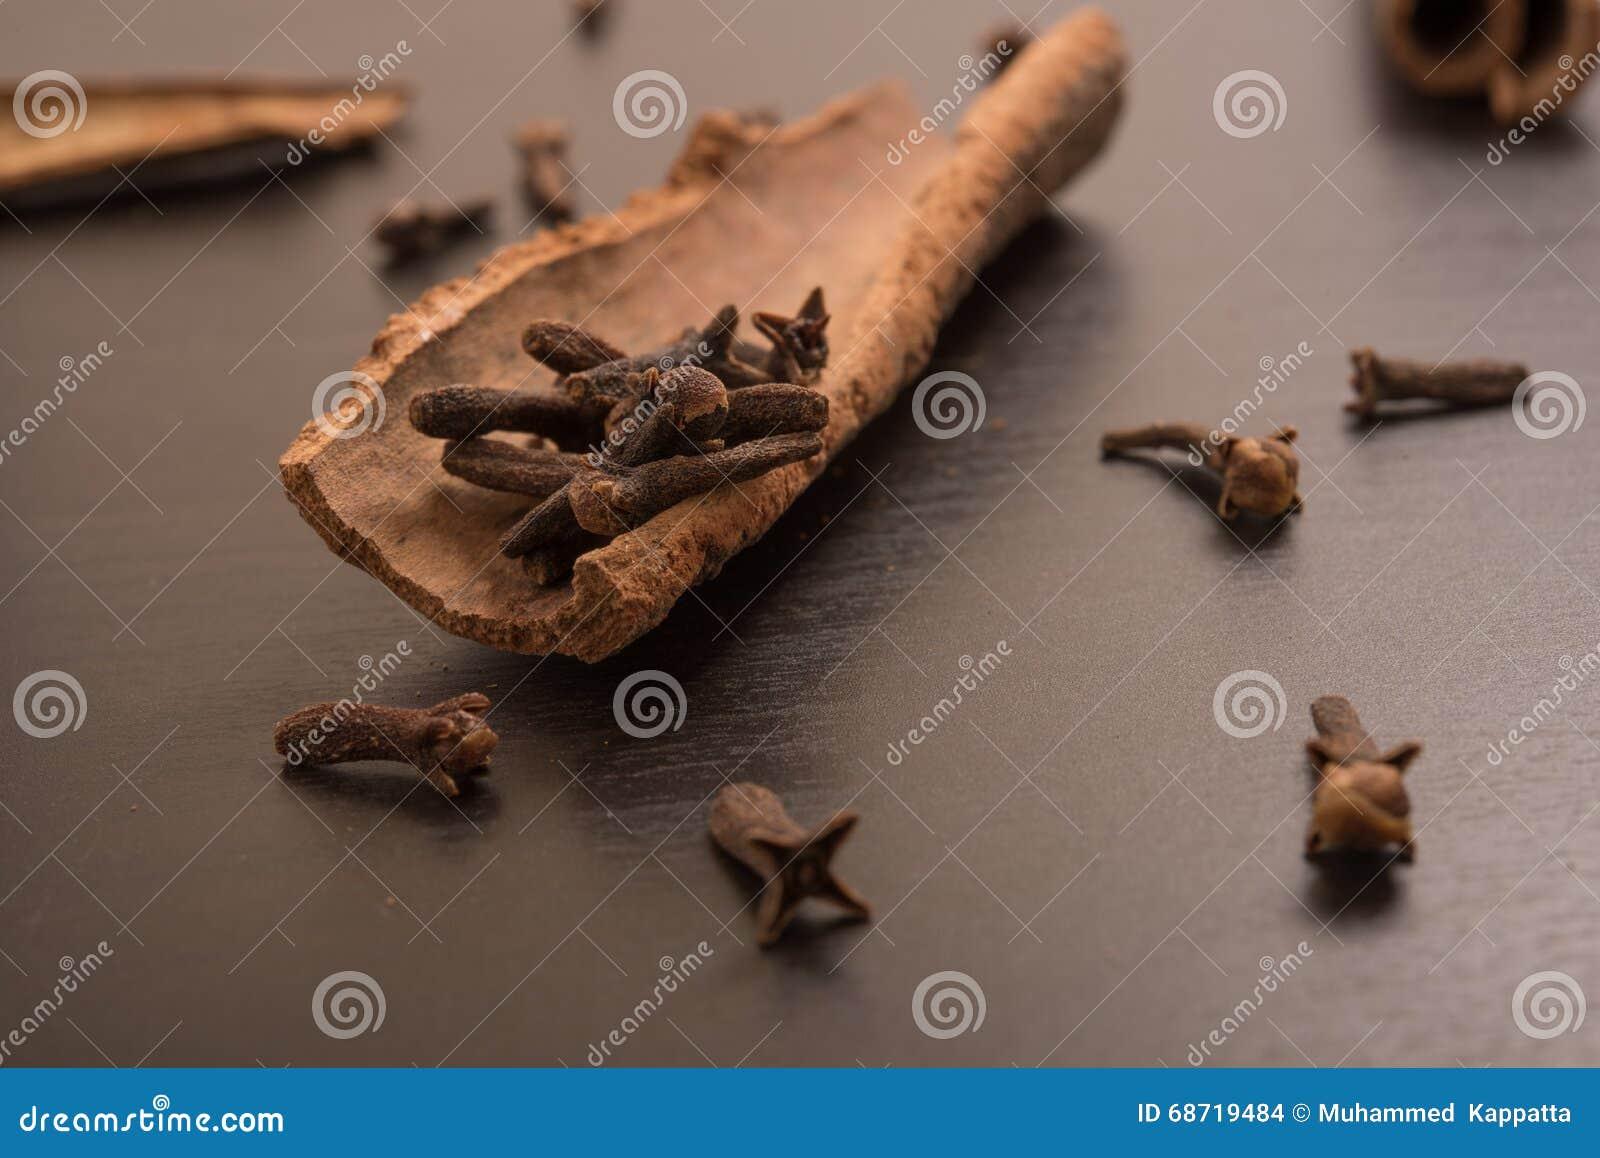 Cloves randomly arranged in Cinnamon